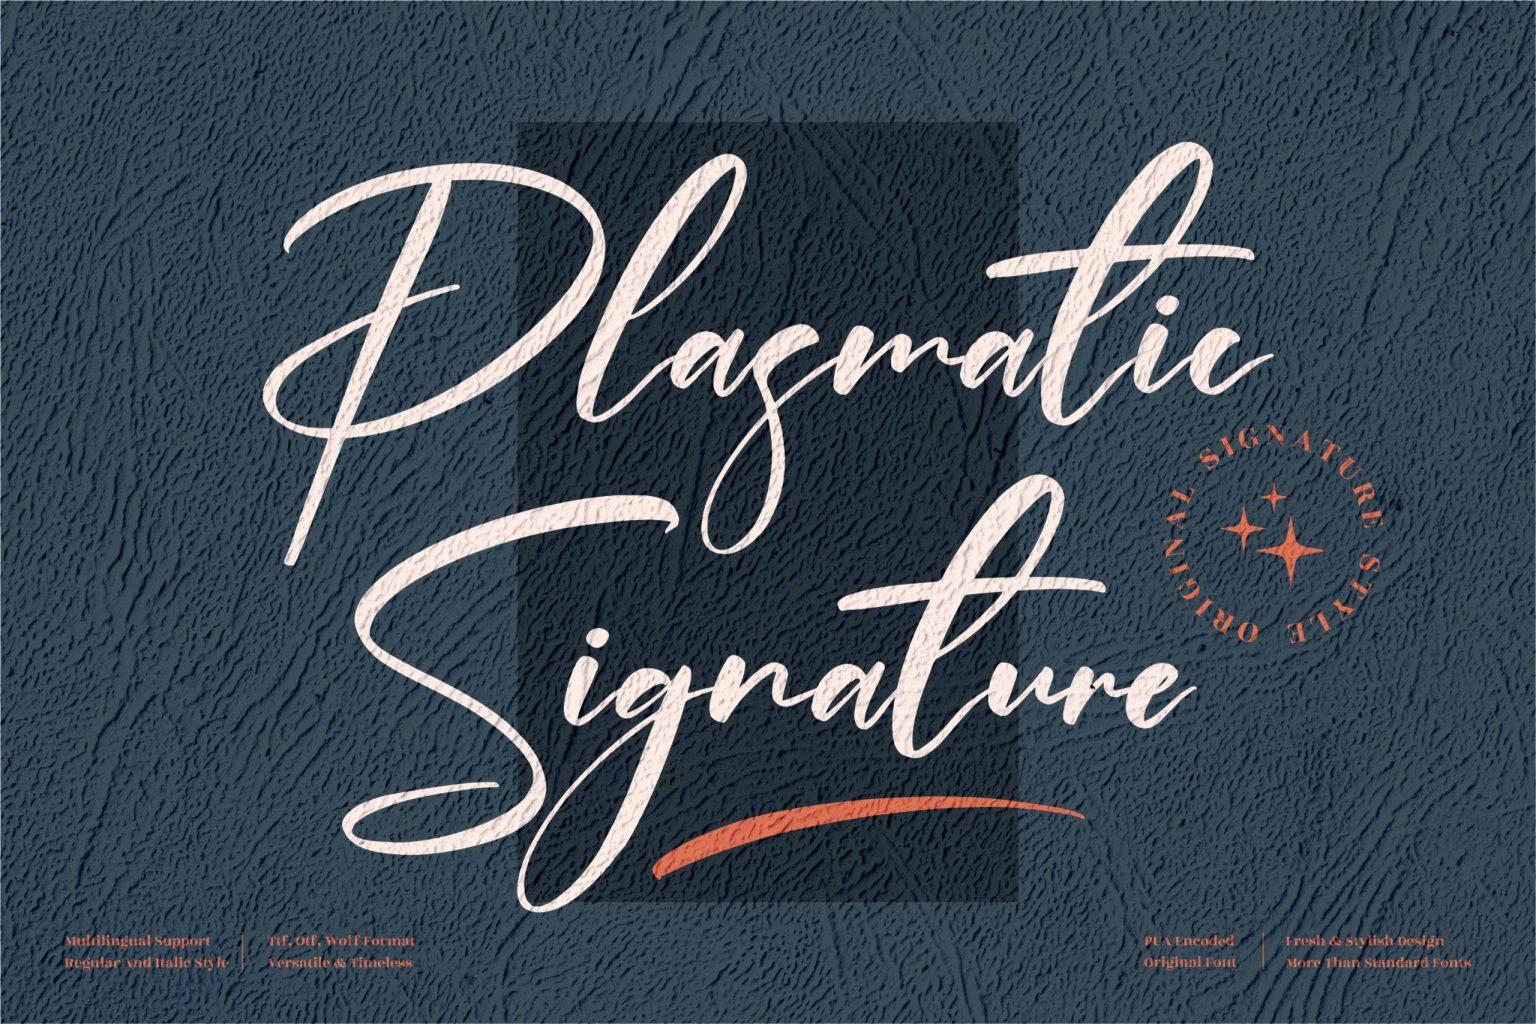 Plasmatic Signature Font